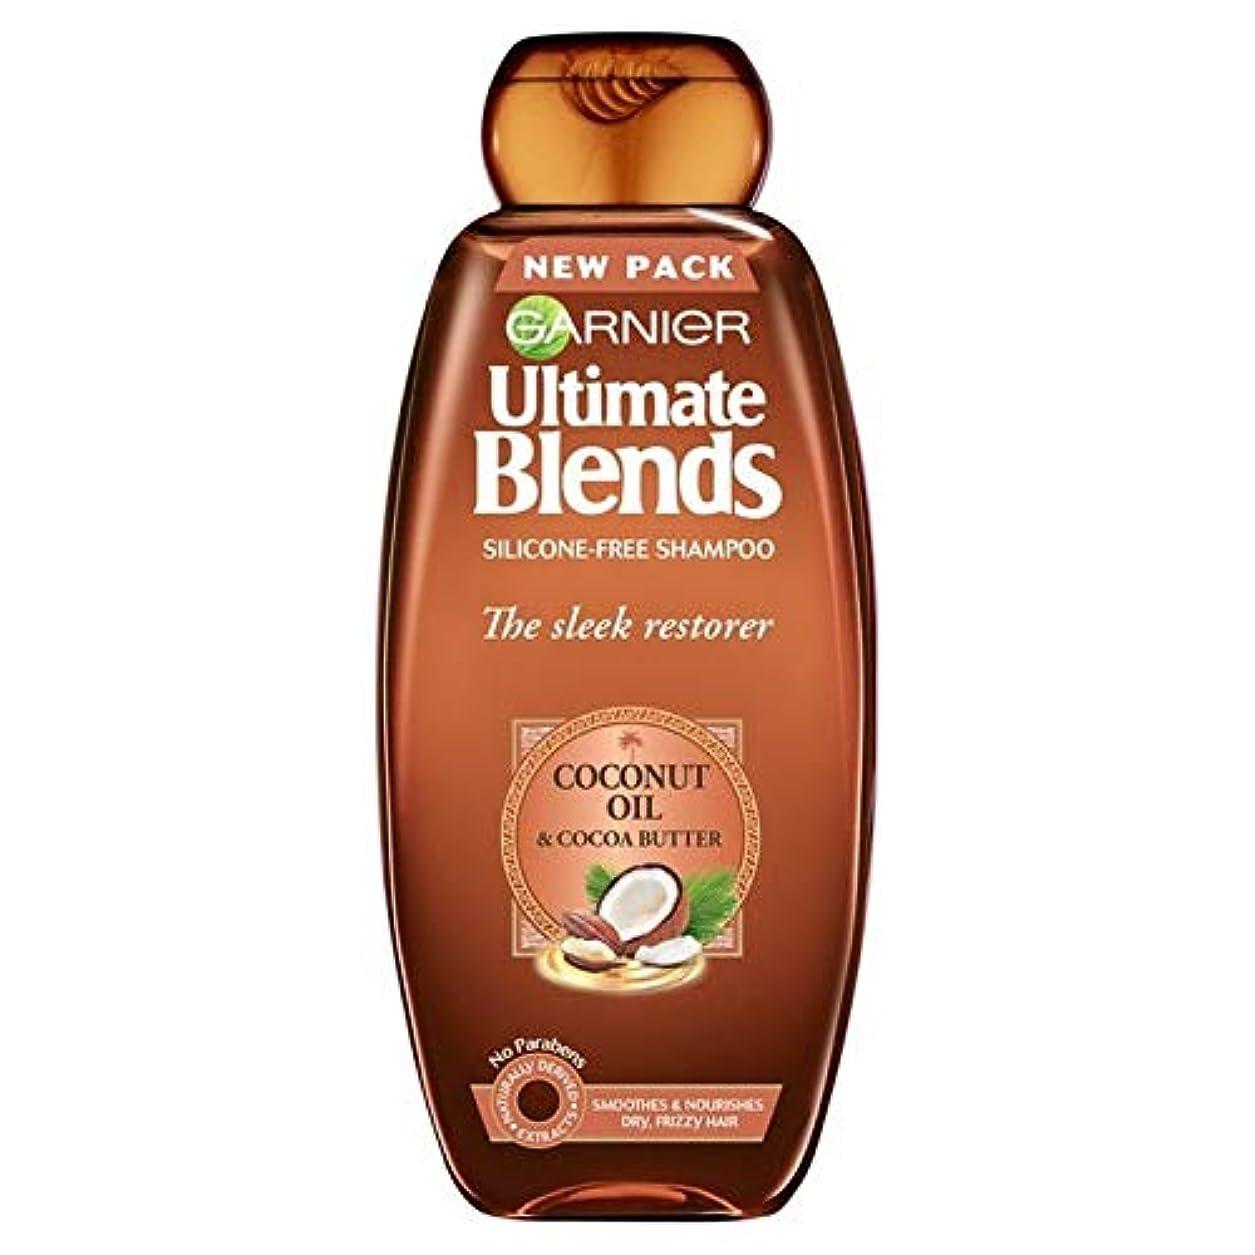 ハンサム作成者カートリッジ[Garnier ] ガルニエ究極は、ココナッツオイル縮れた髪シャンプー360ミリリットルをブレンド - Garnier Ultimate Blends Coconut Oil Frizzy Hair Shampoo 360ml...